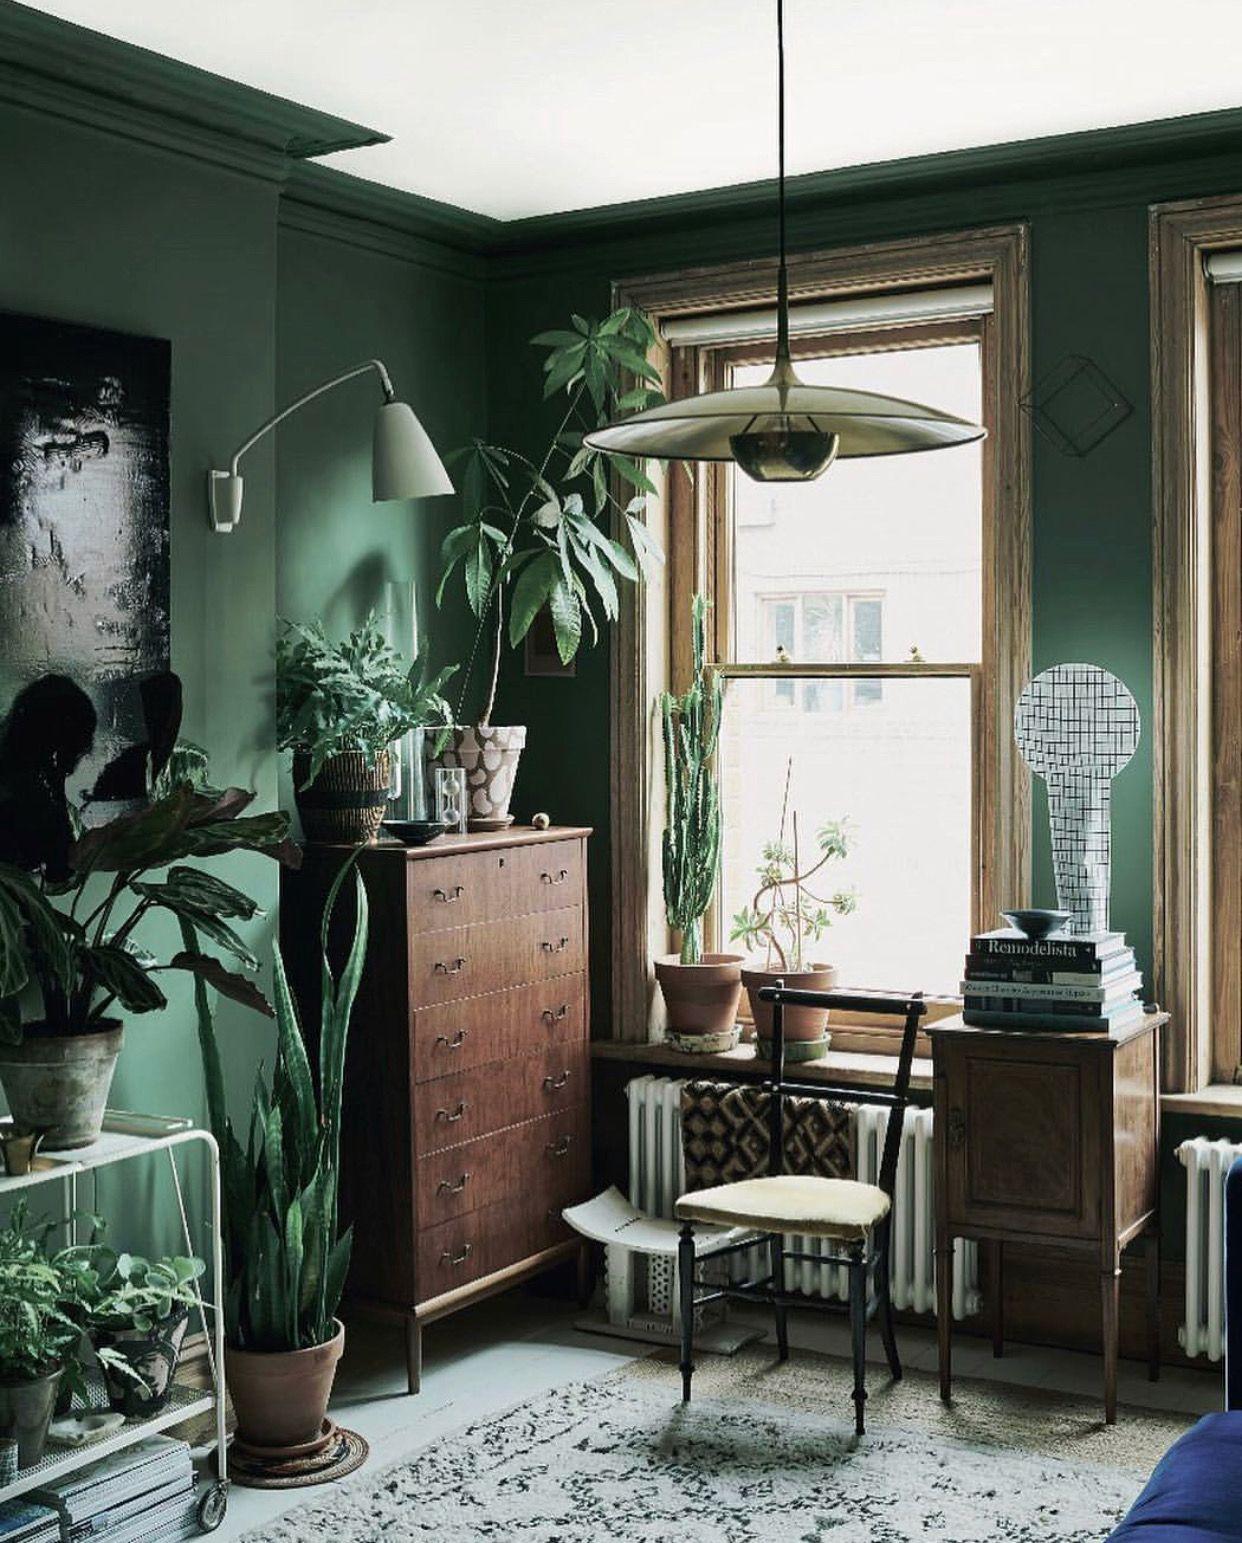 Wohnung Wohnzimmer Dekoration Ideen Auf Ein Budget: Jungalow Color & Style